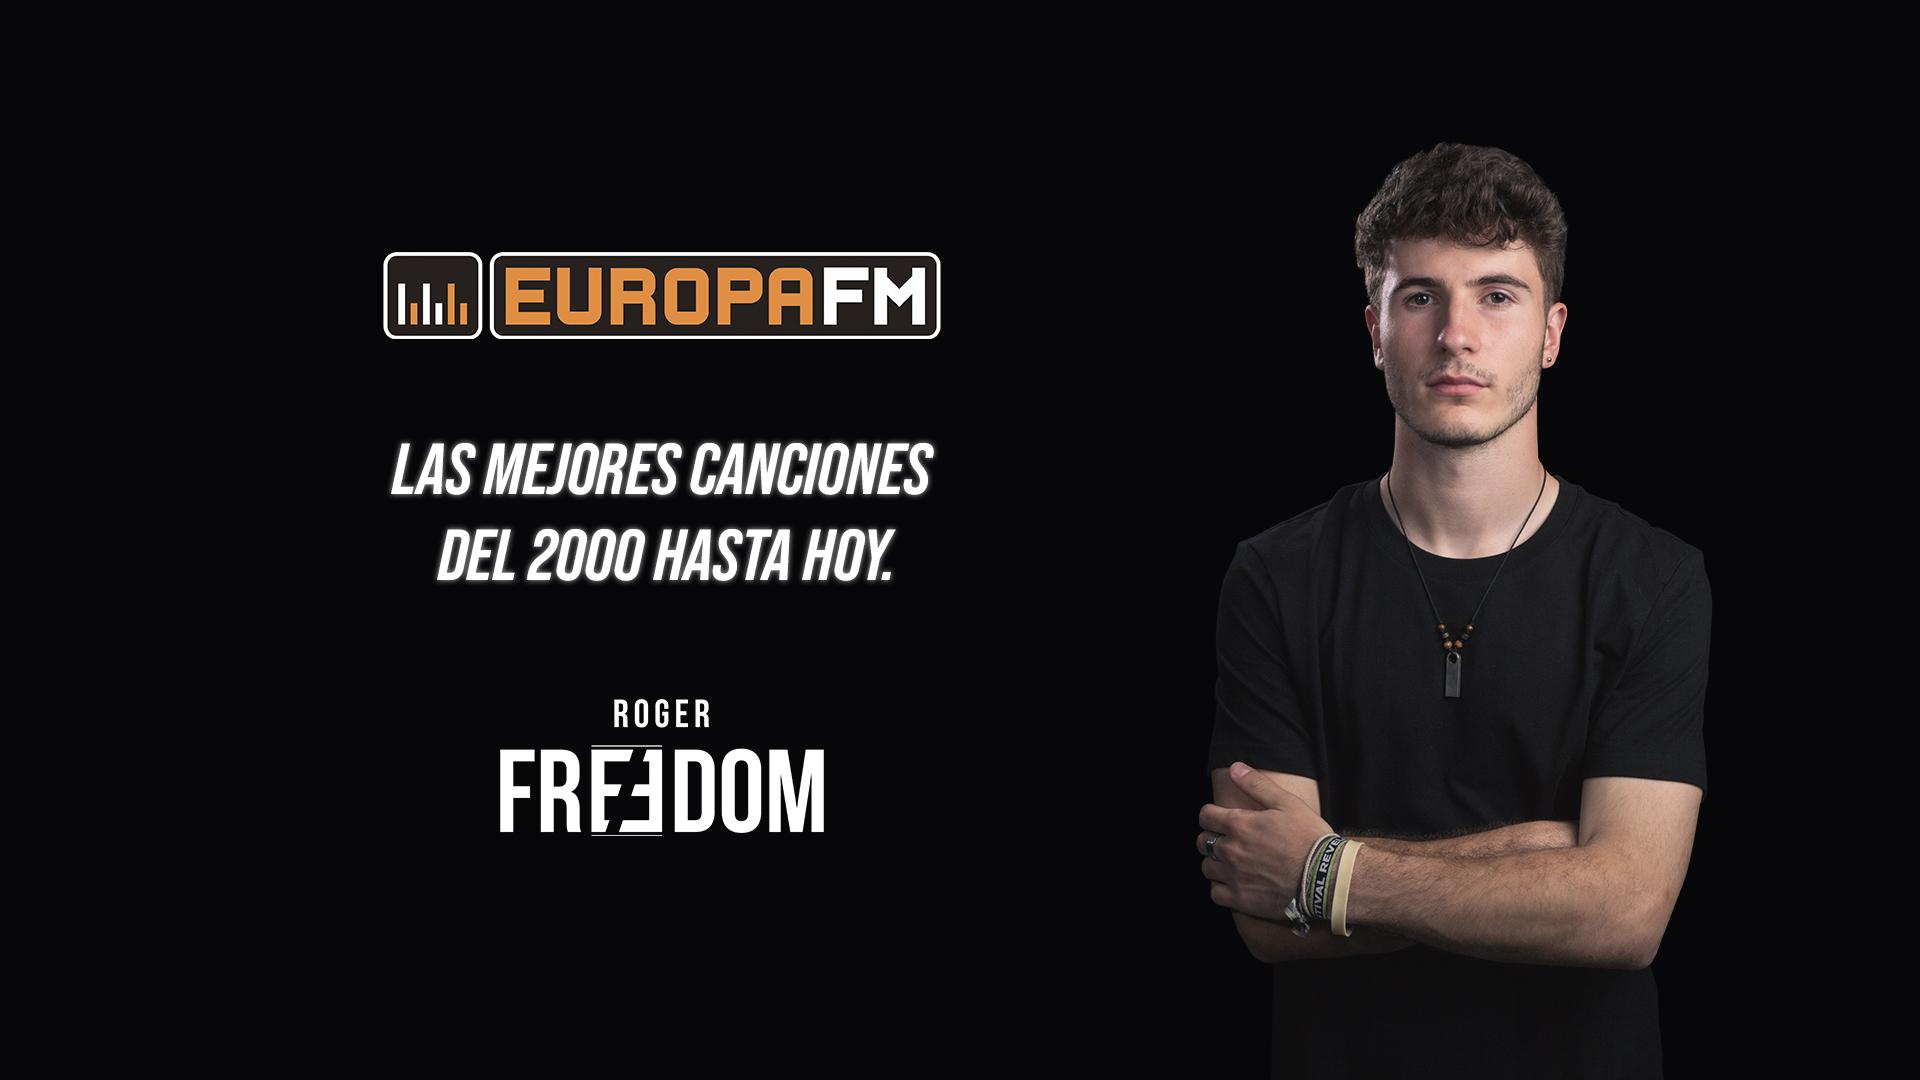 Roger Freedom x Europa FM